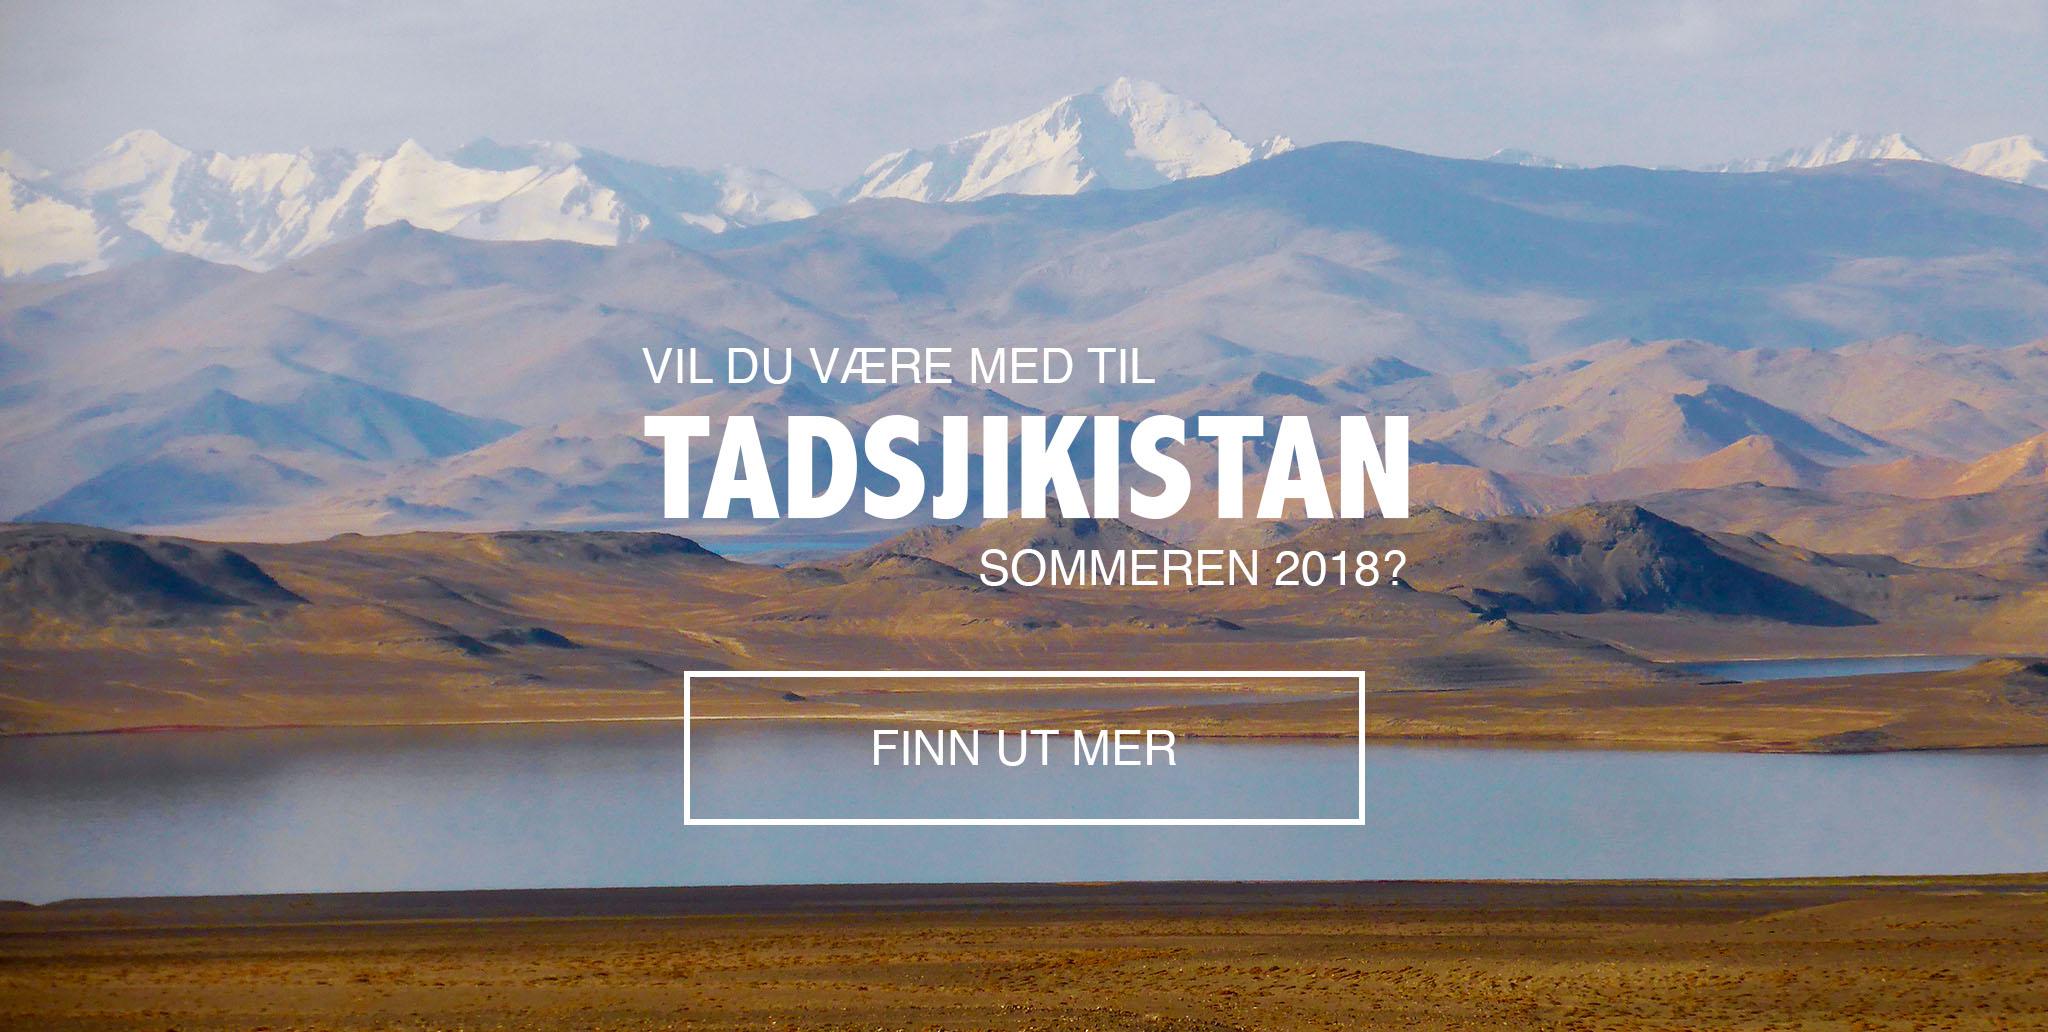 Bli med til Tadsjikistan 2018